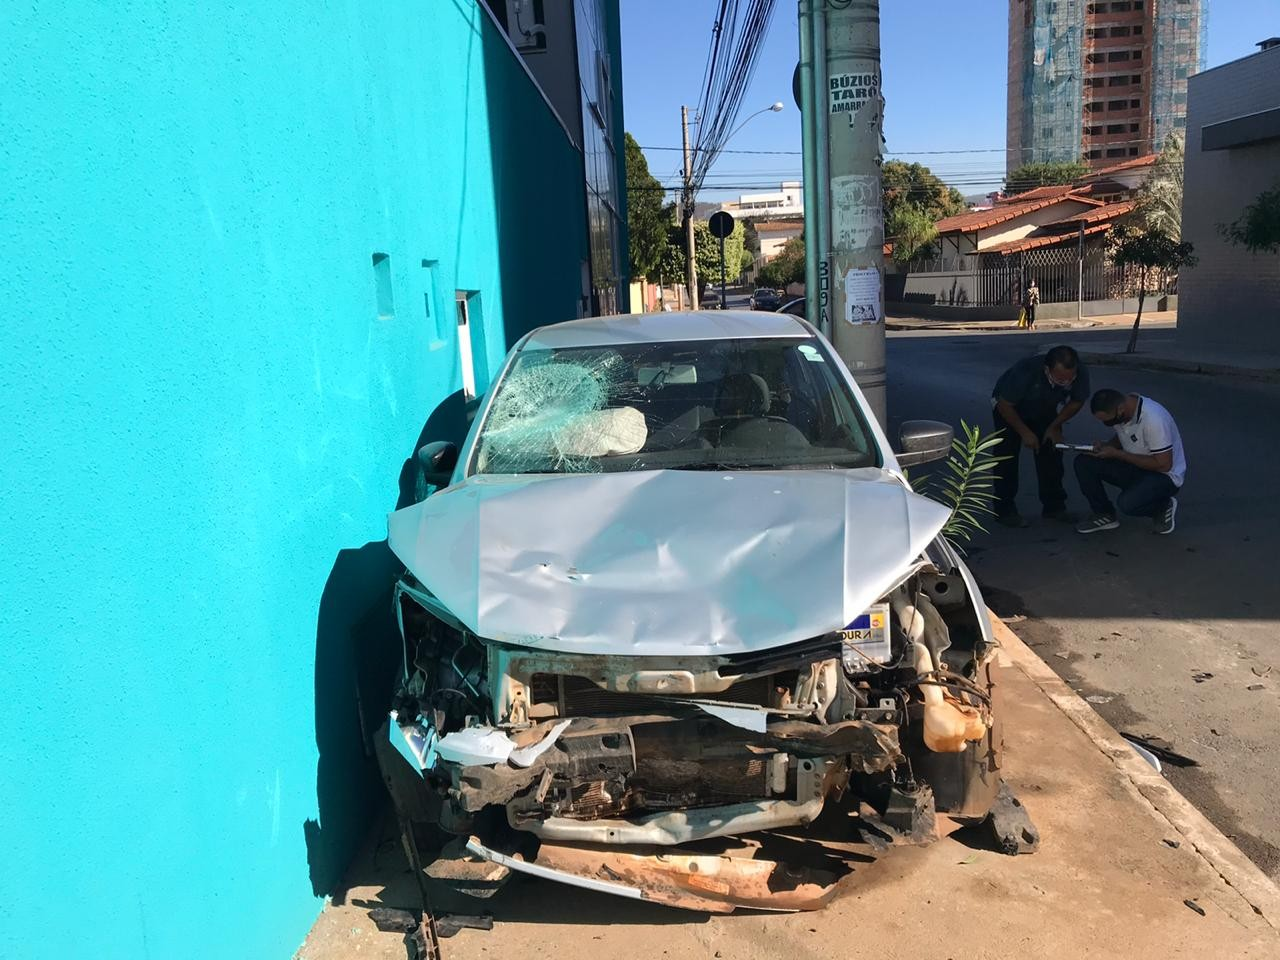 Motociclista fica ferido após desrespeitar sinalização e ser atingido por carro no Bairro Todos os Santos, em Montes Claros